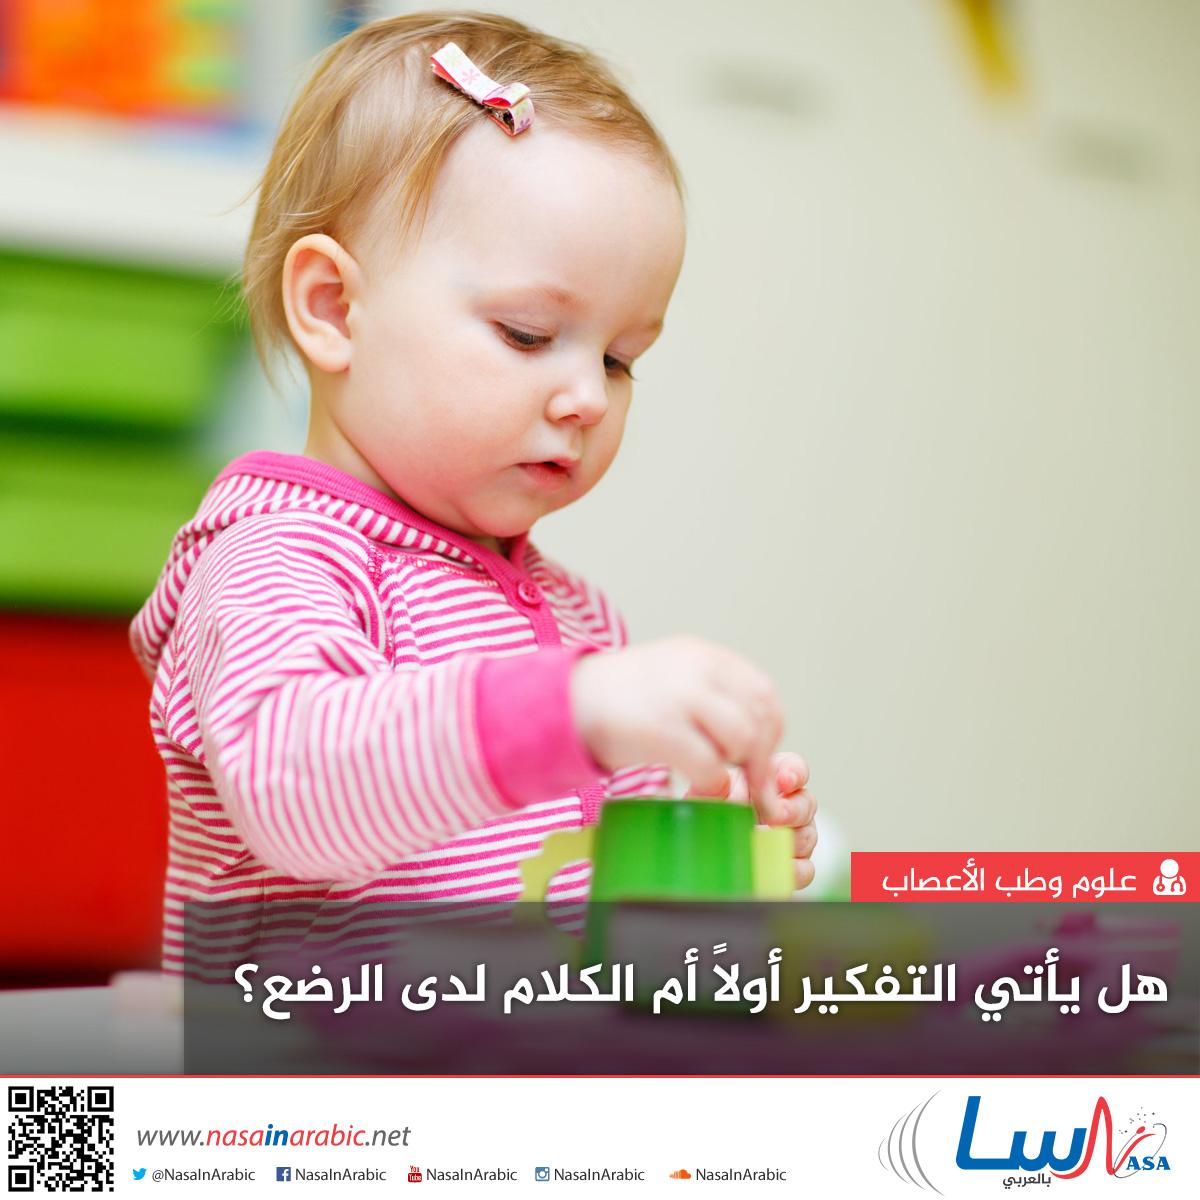 هل يأتي التفكير أولاً أم الكلام لدى الرضع؟